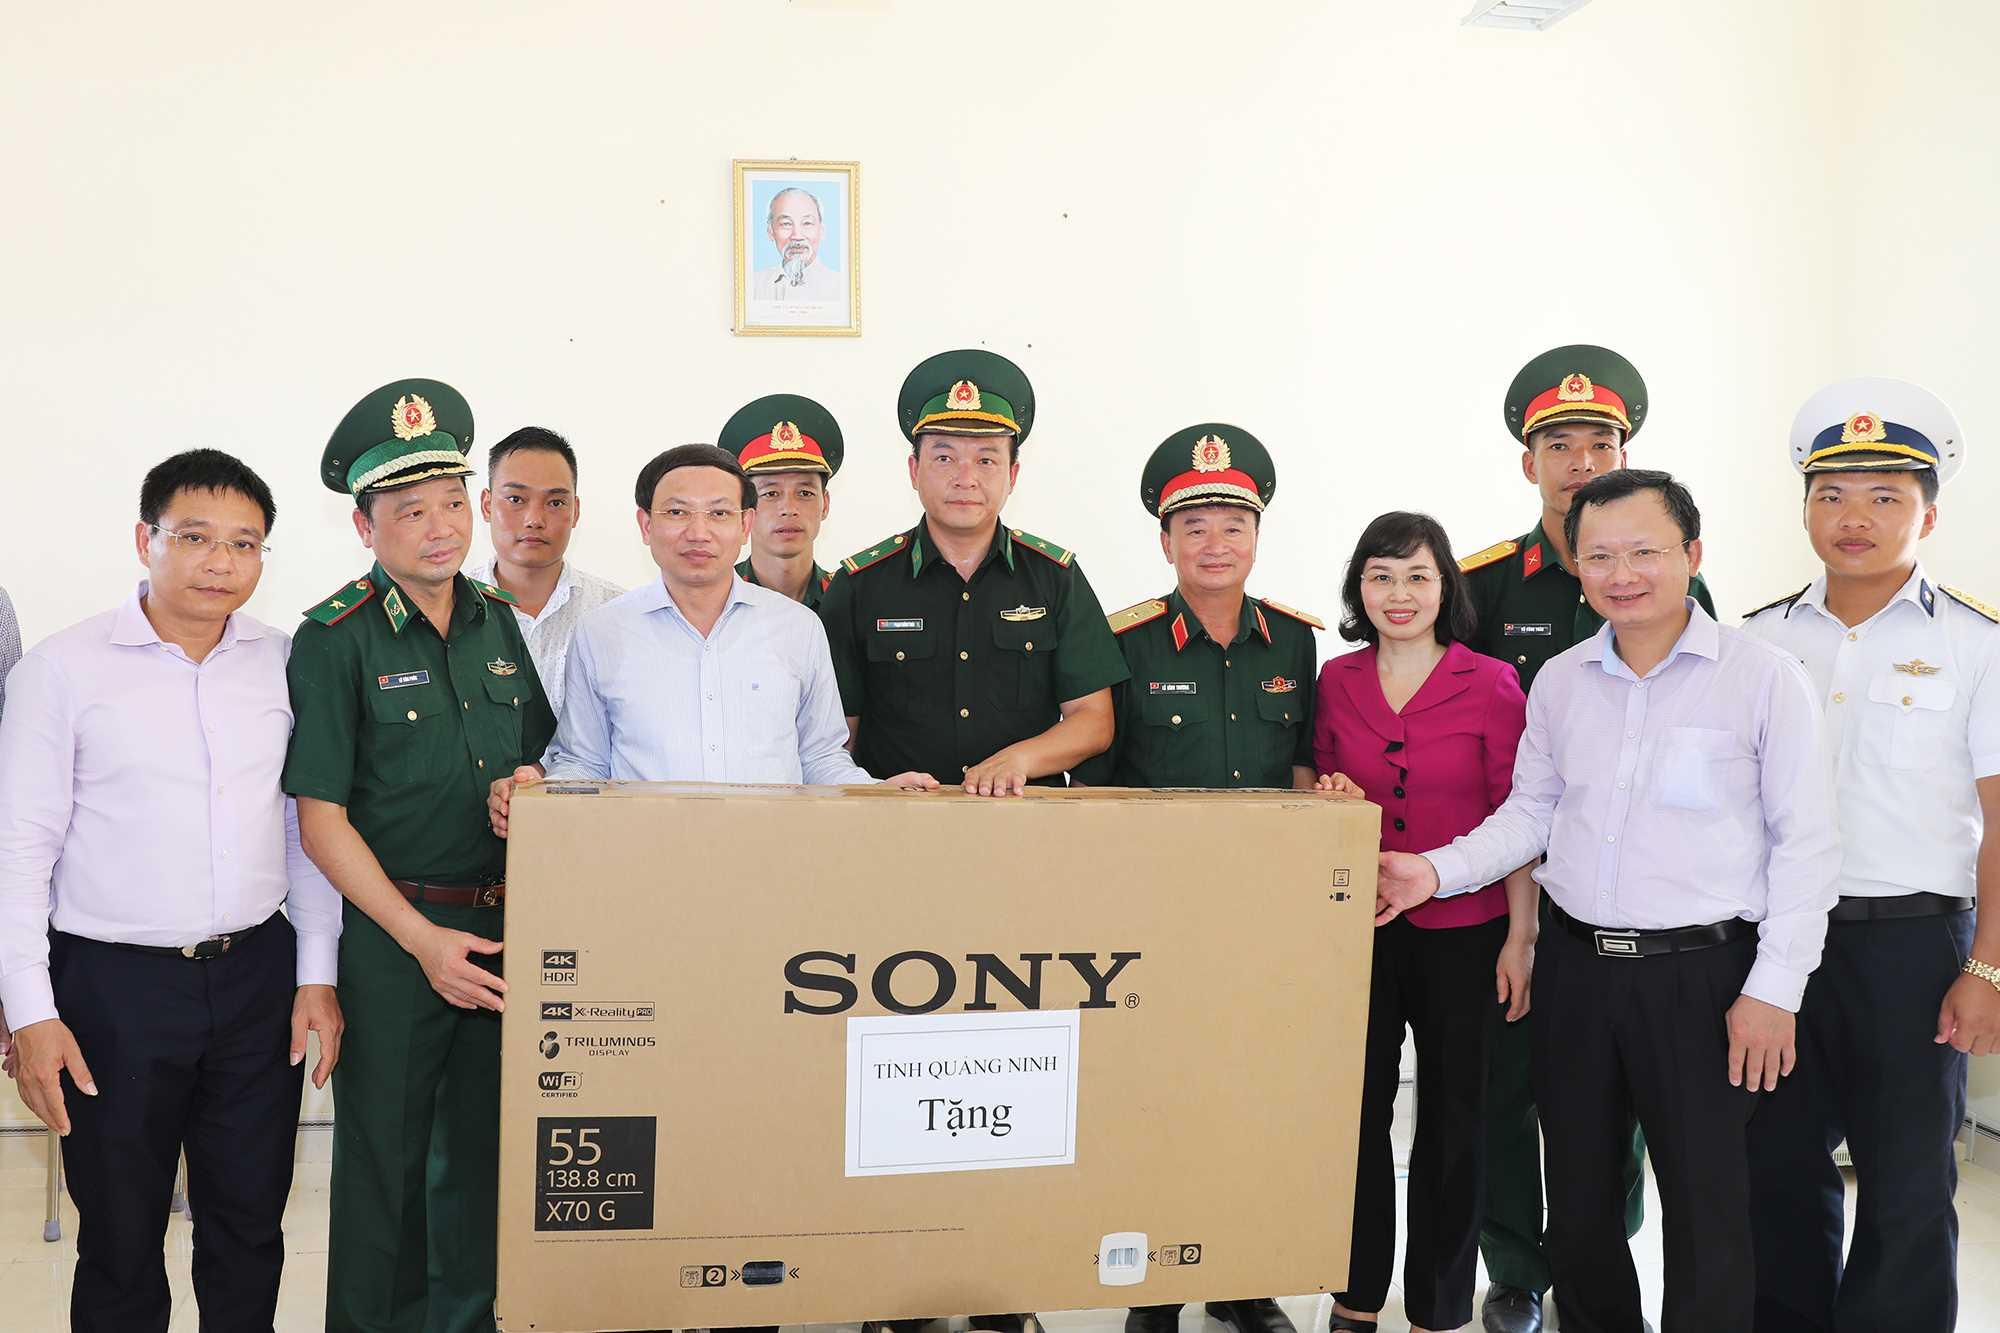 Bí thư Tỉnh ủy Nguyễn Xuân Ký tặng qua cho cán bộ, chiến sĩ công tác và nhân dân sống trên đảo